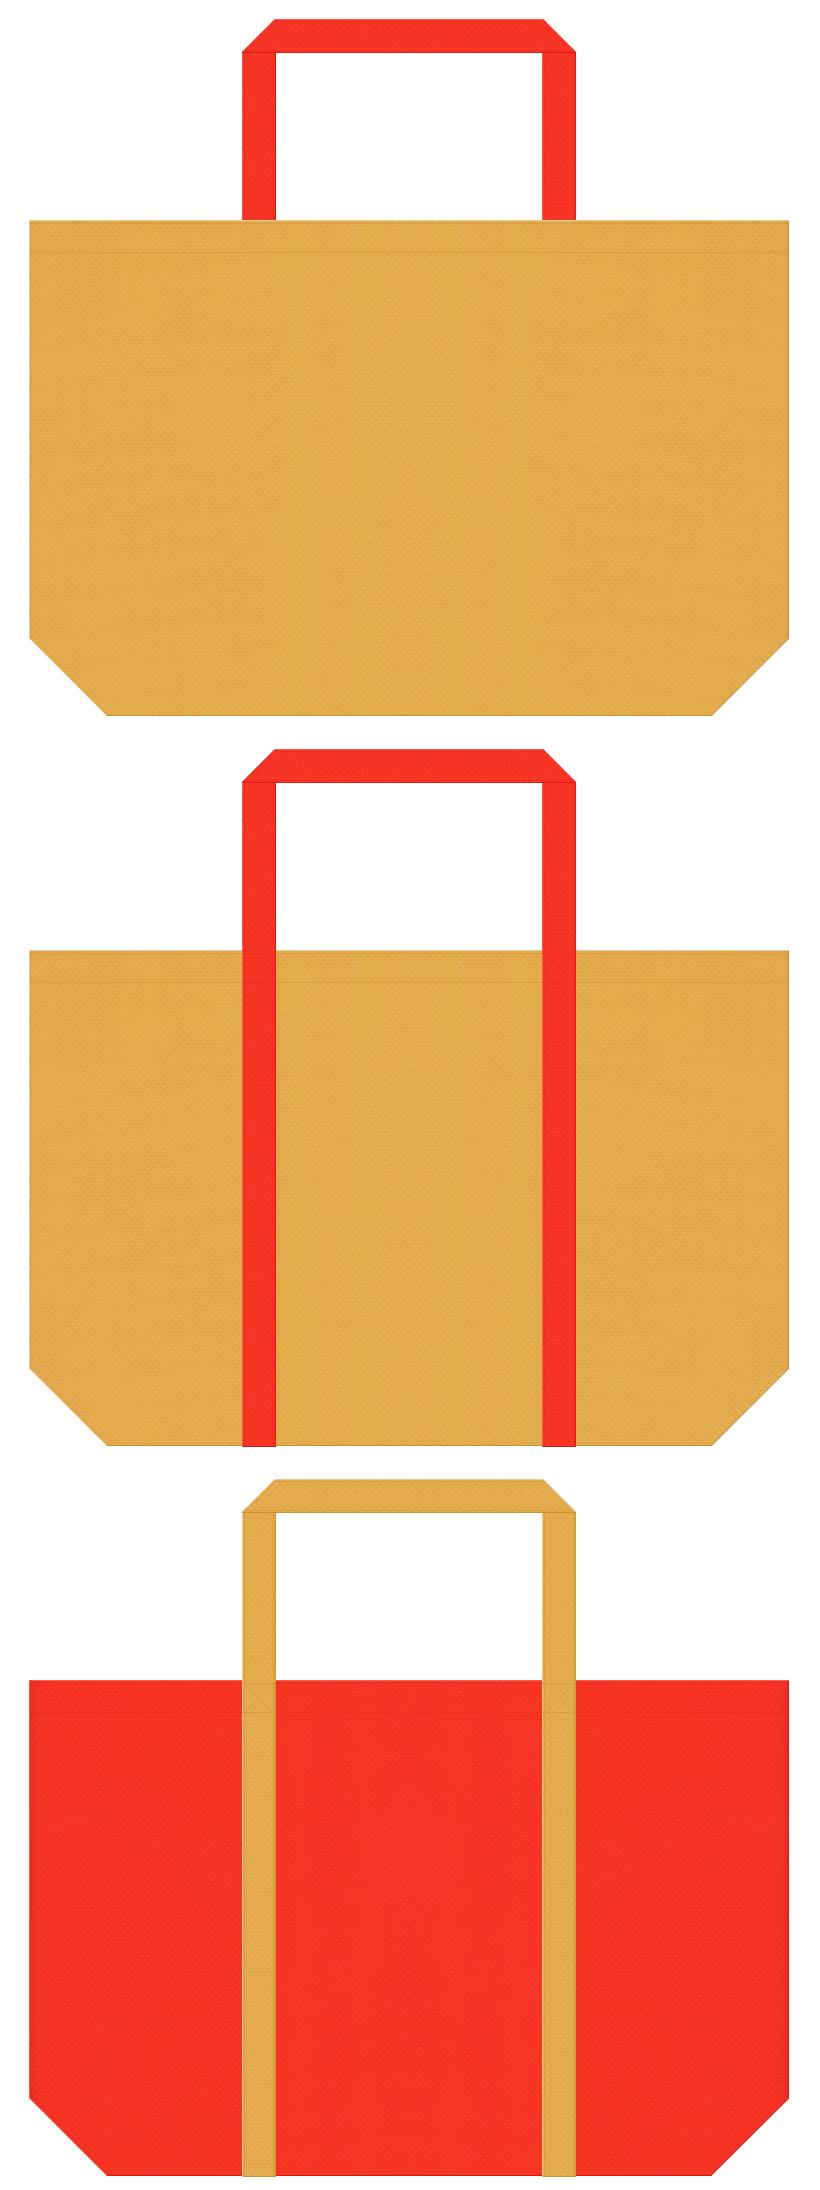 じゃがいも・にんじん・キッチン・レシピ・オニオンスープ・サラダ油・調味料・パスタ・お料理教室・ランチバッグにお奨めの不織布バッグデザイン:黄土色とオレンジ色のコーデ